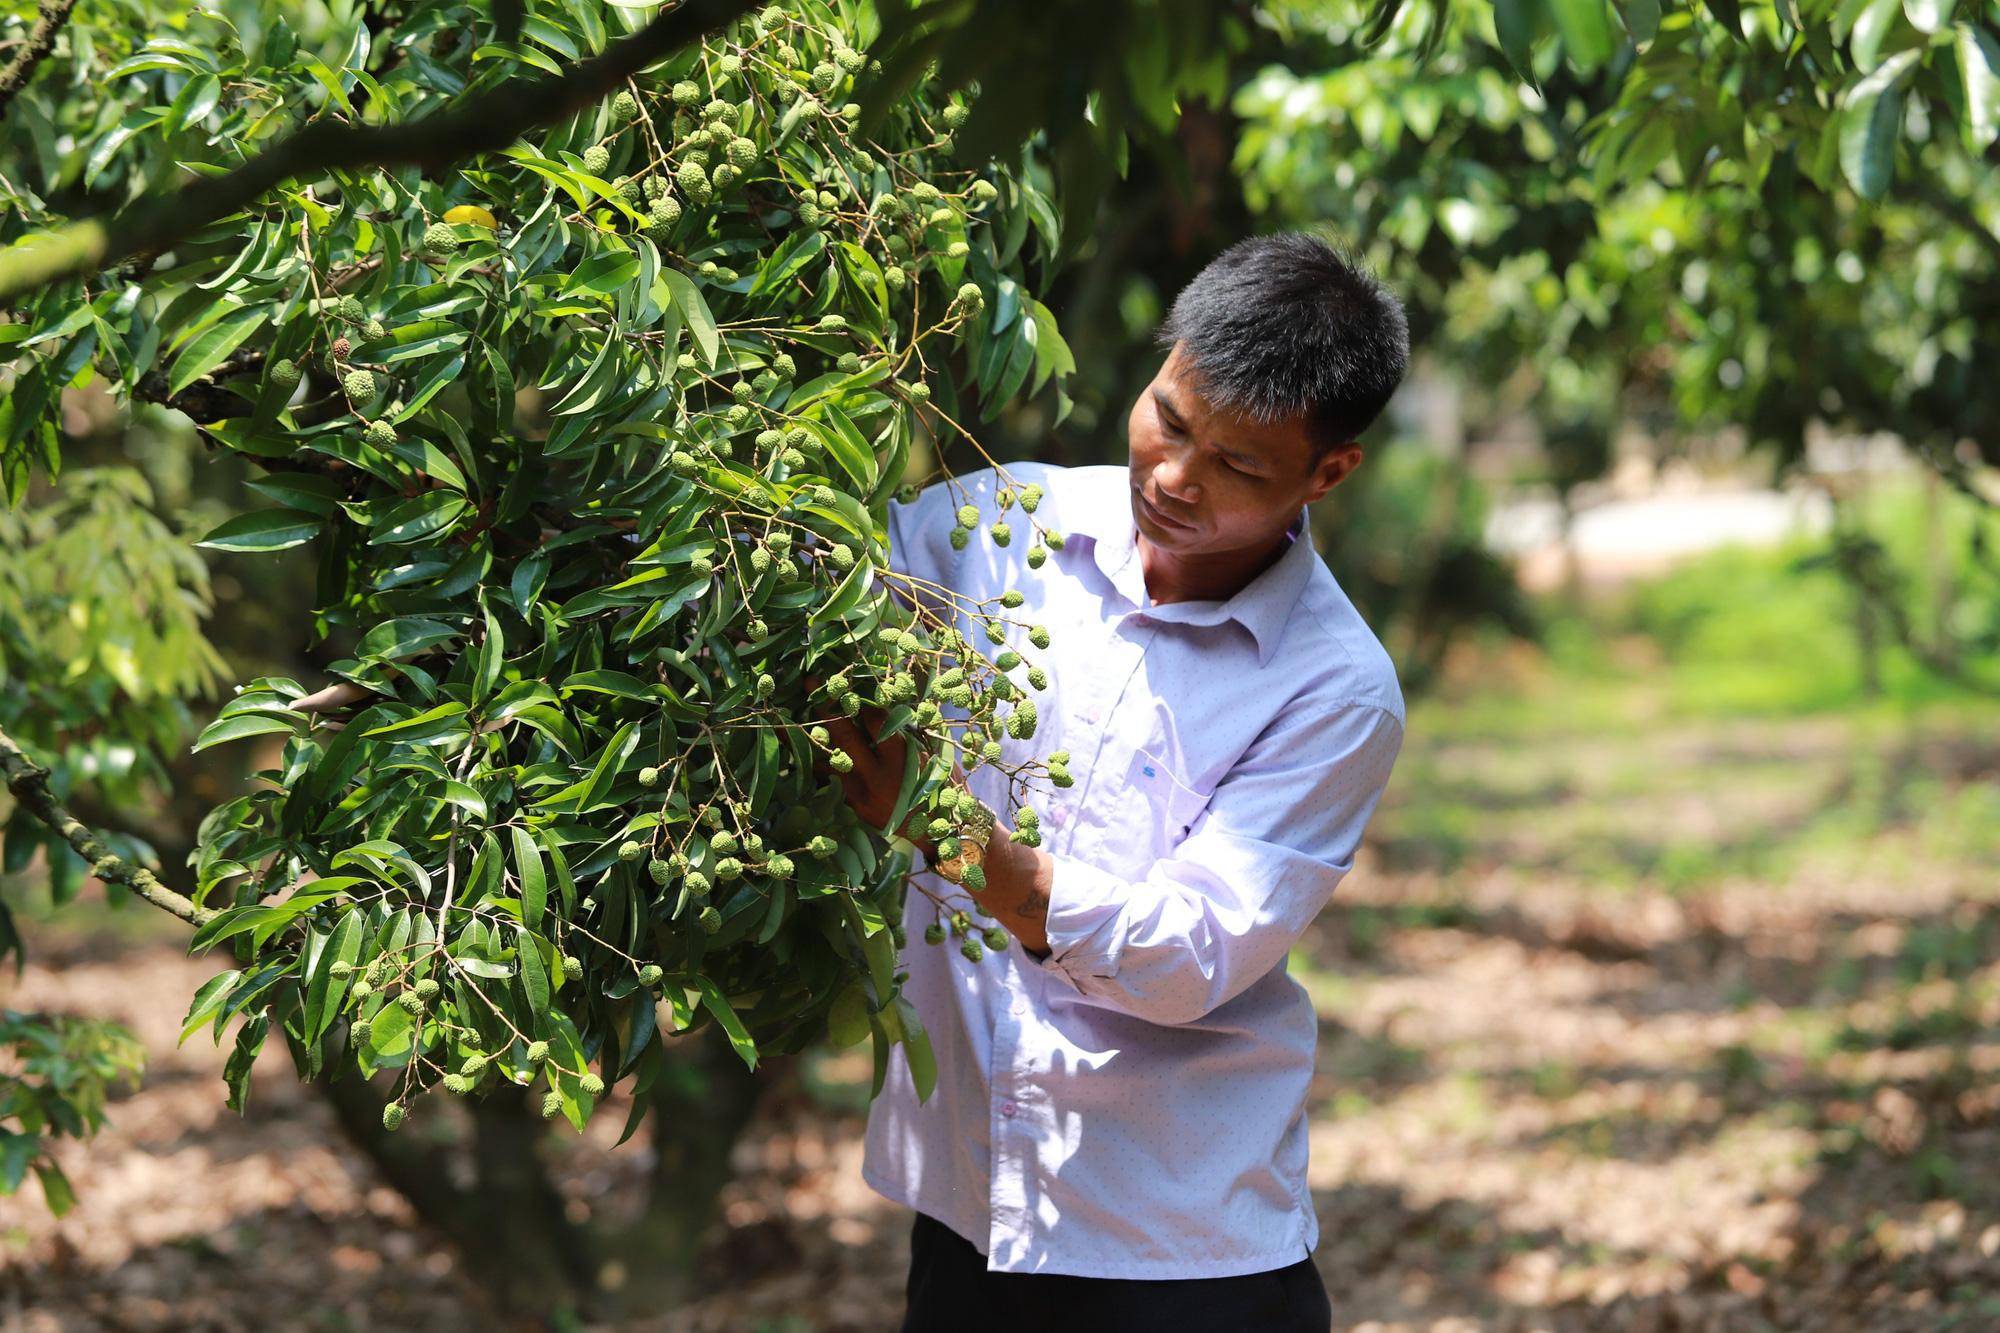 Bắc Giang:  Chủ động chuyển đổi cơ cấu nông nghiệp, làm giàu - Ảnh 2.